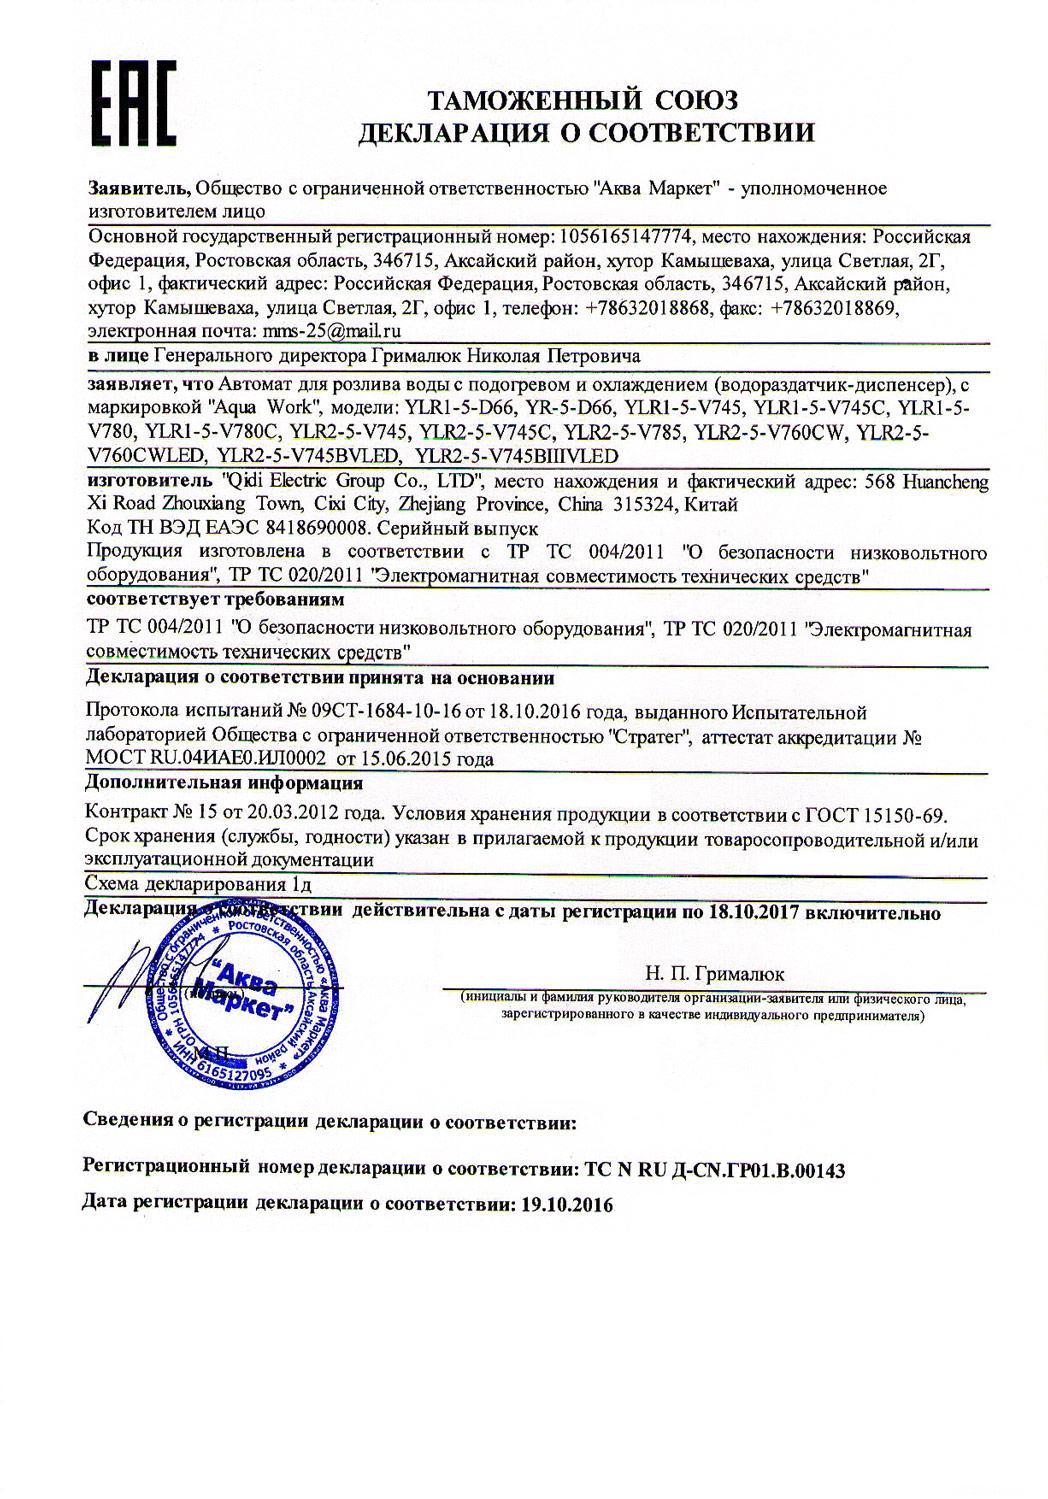 кулер Aqua Work V760-CW сертификат